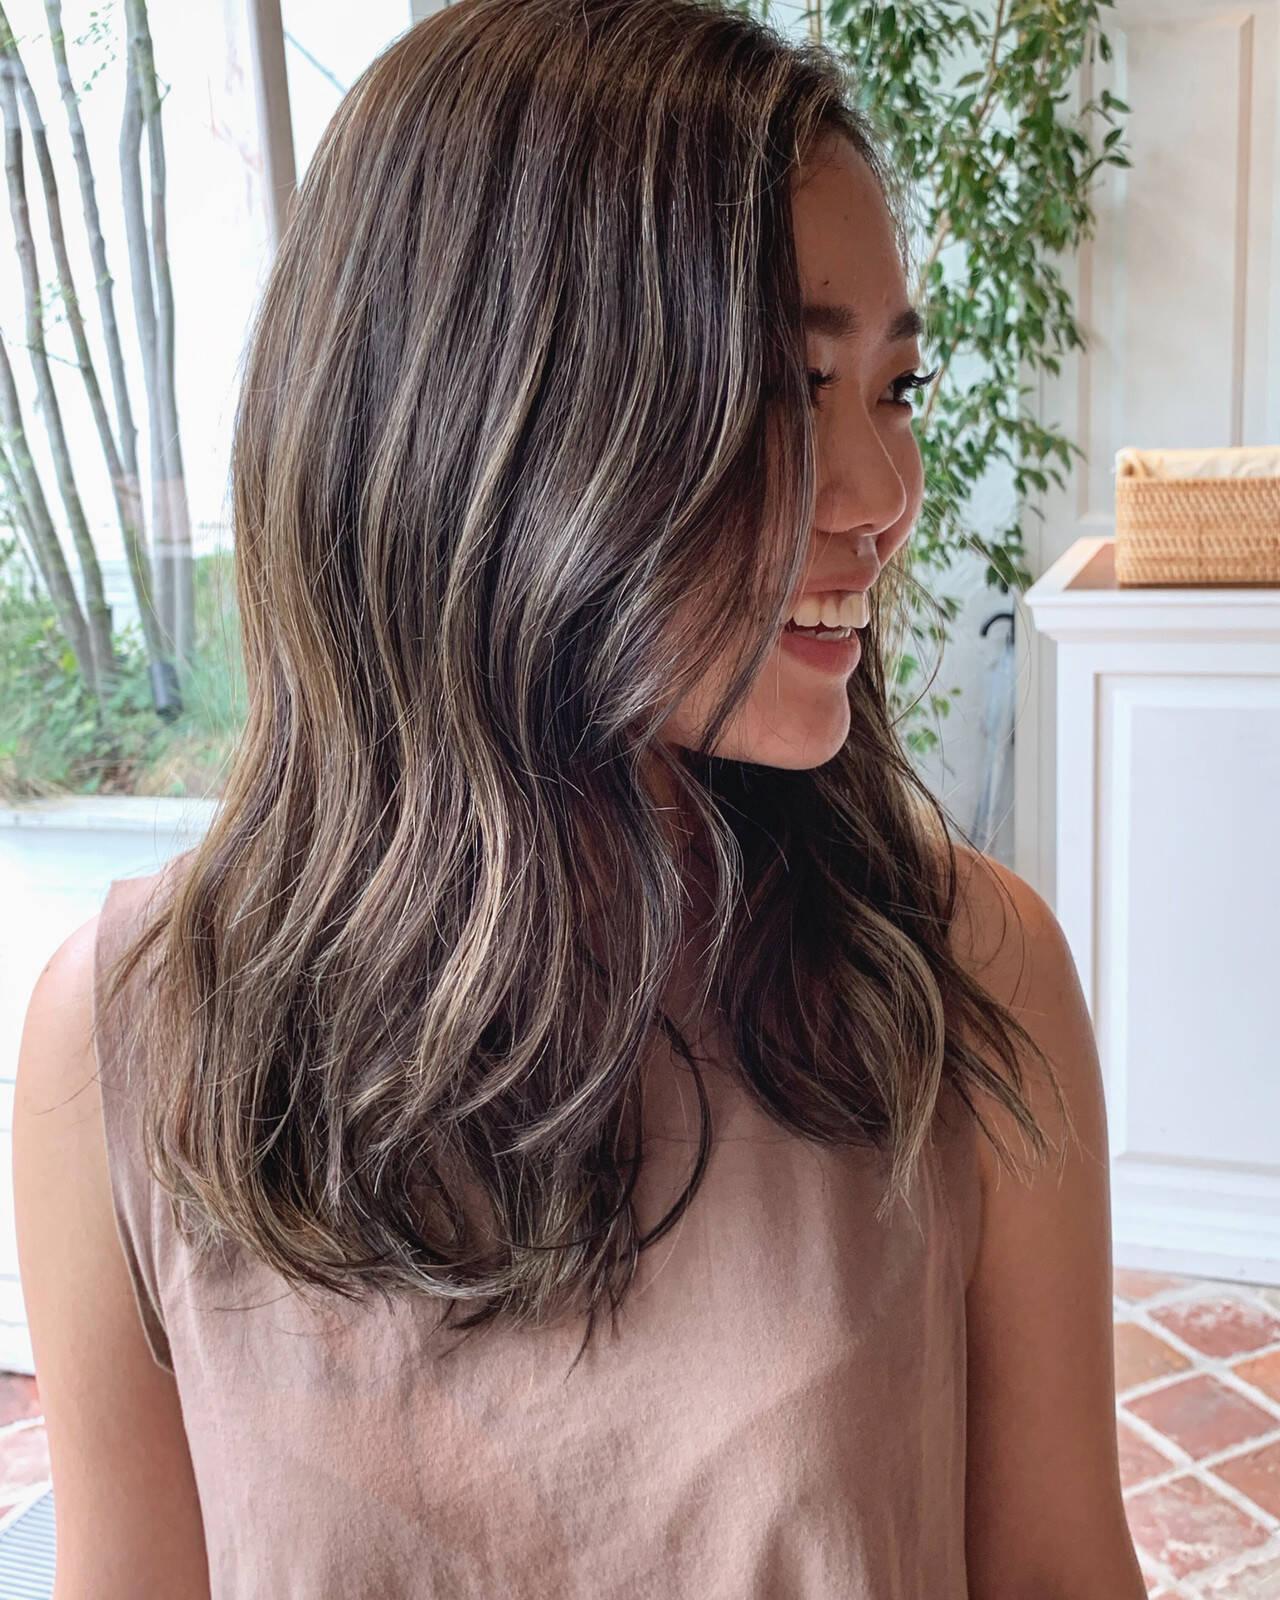 グラデーションカラー ロング グレージュ ツヤ髪ヘアスタイルや髪型の写真・画像